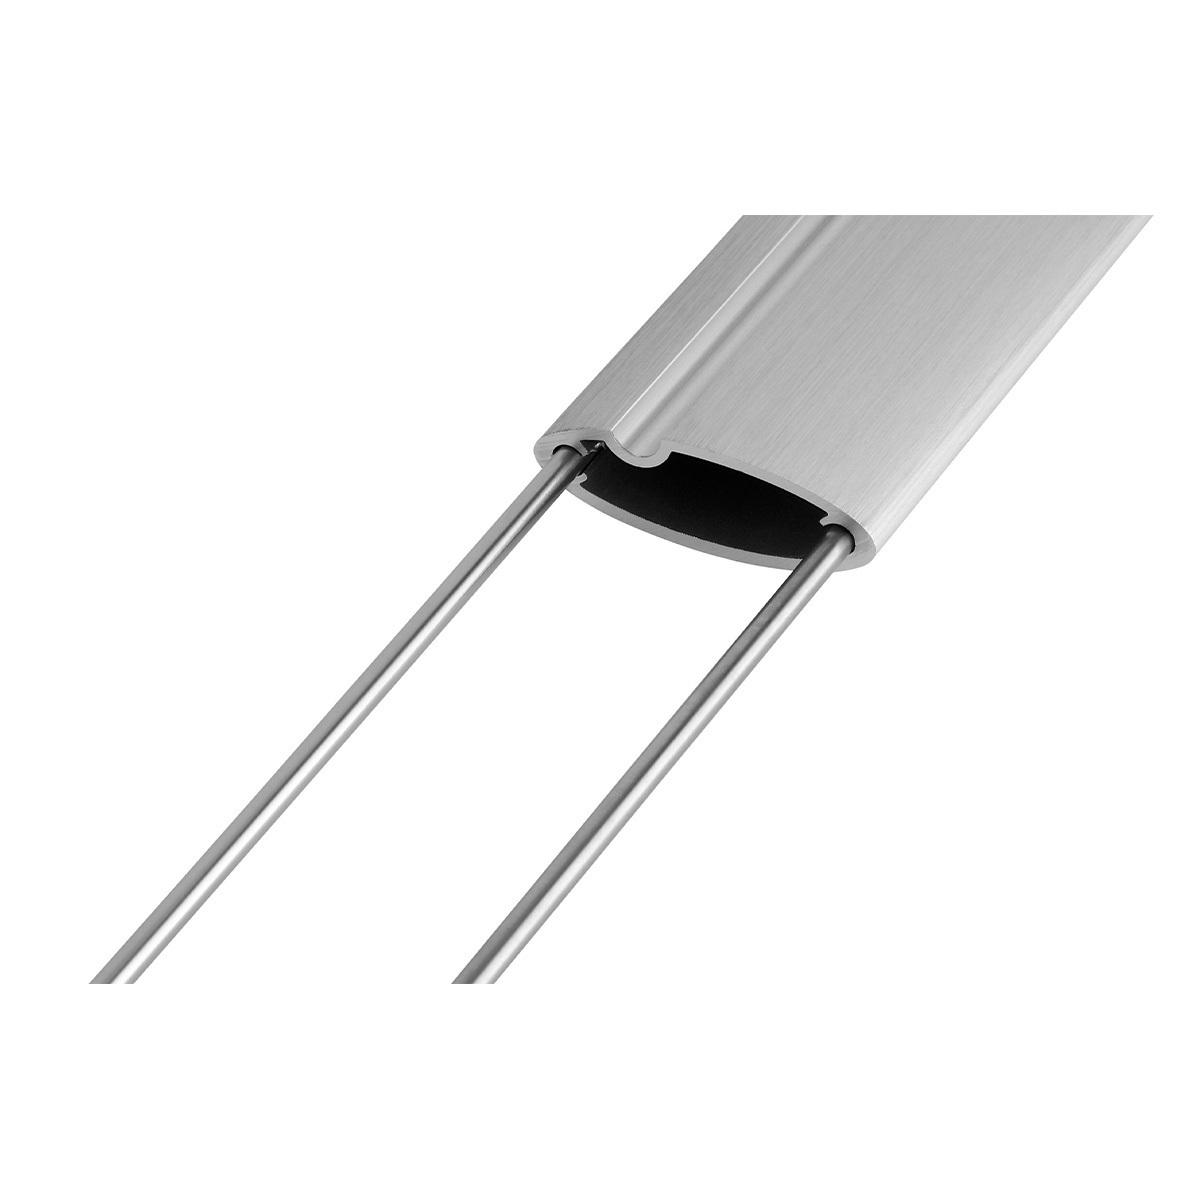 12-2005-analoges-design-gartenthermometer-central-park-ansicht-1200x1200px.jpg